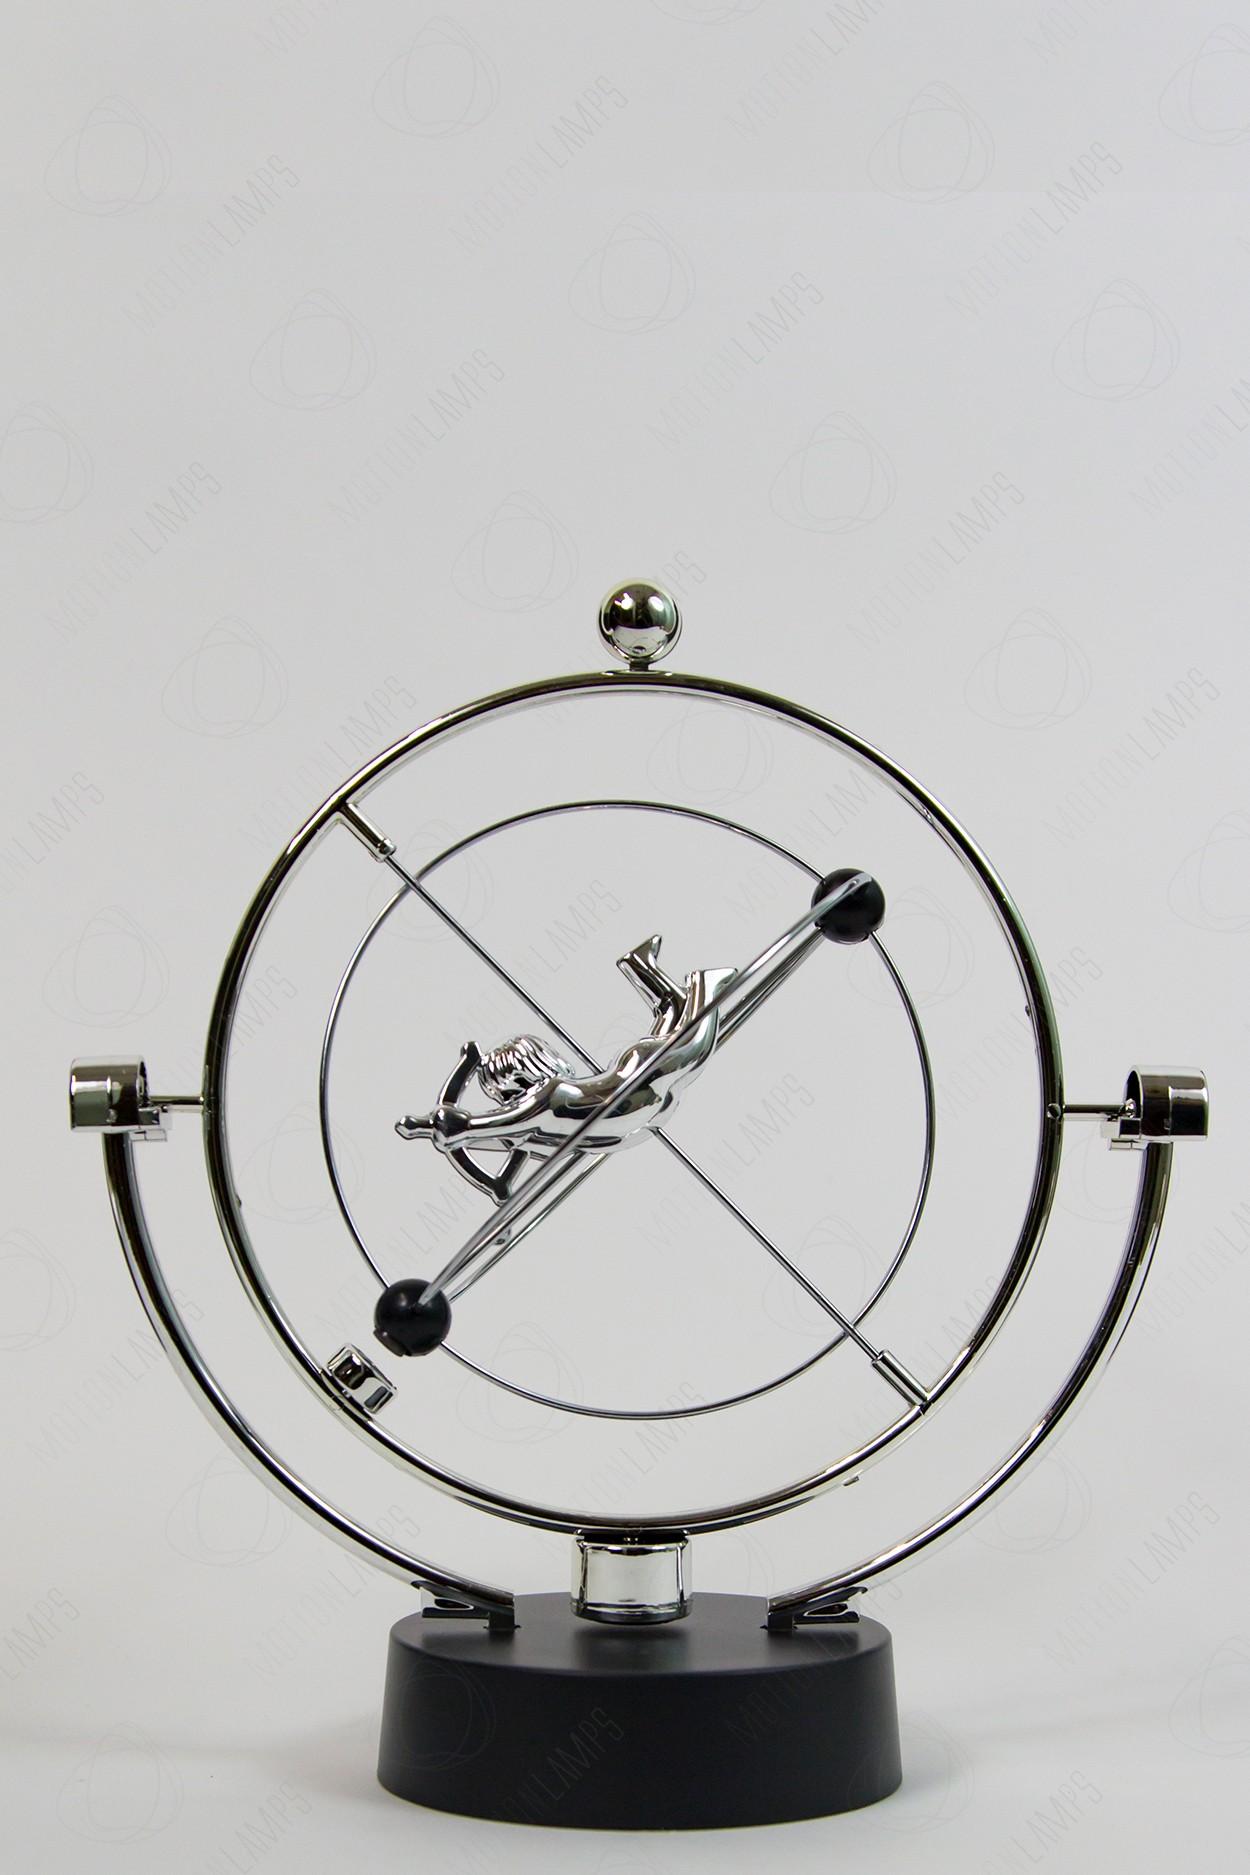 Магнитный маятник Сфера купидон в Ярославле